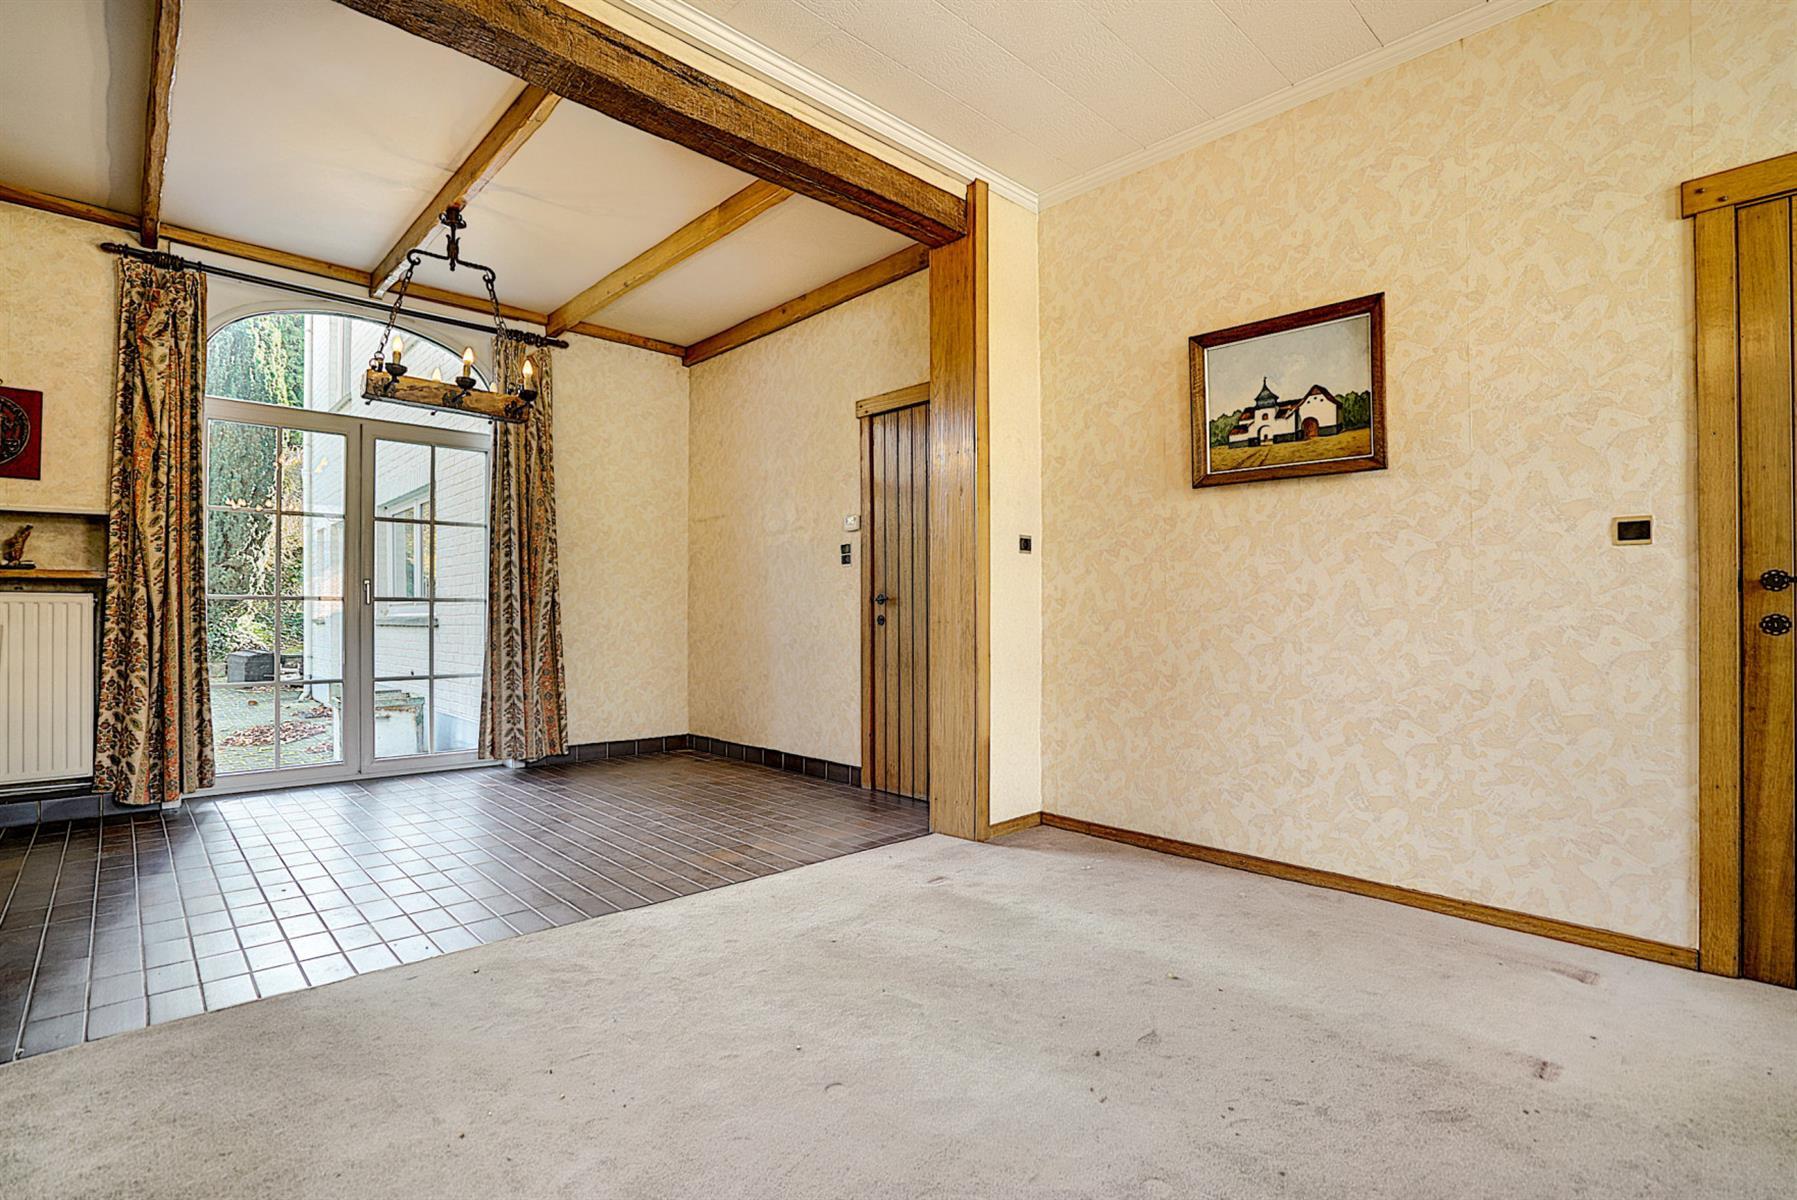 Maison de maître - Nil-saint-vincent-saint-martin - #4206773-5